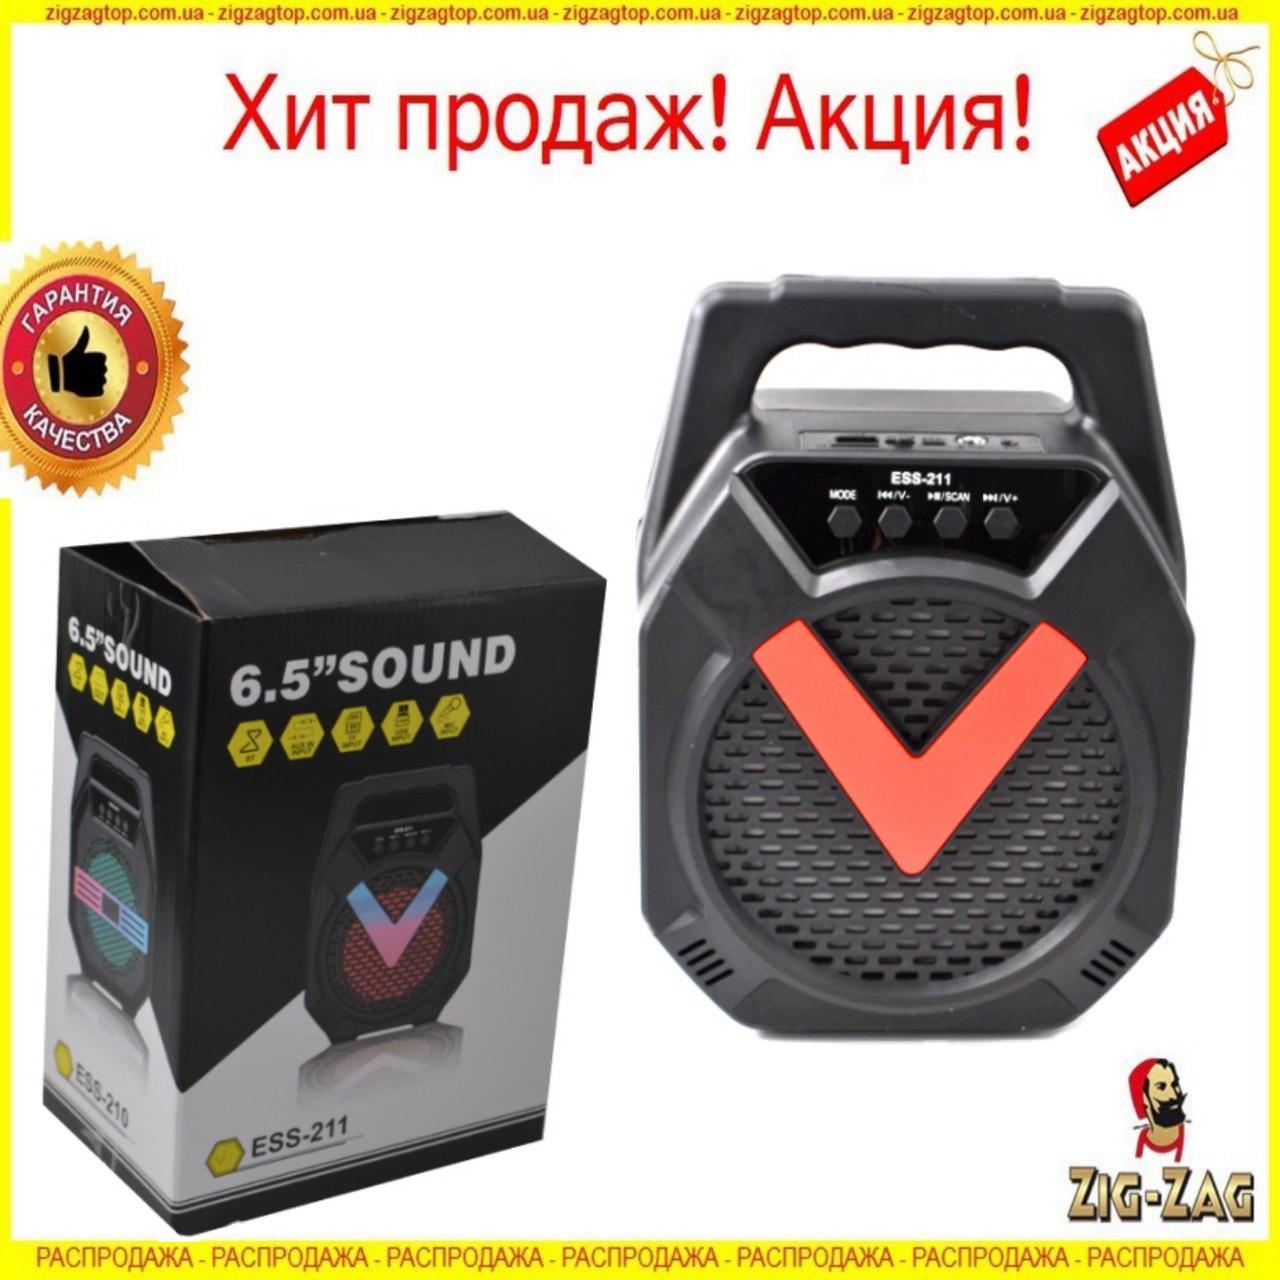 Міні колонка-валіза ESS-211 (26.5x19x11) Bluetooth, FM радіо світломузика блютуз портативна USB SD AUX від мережі